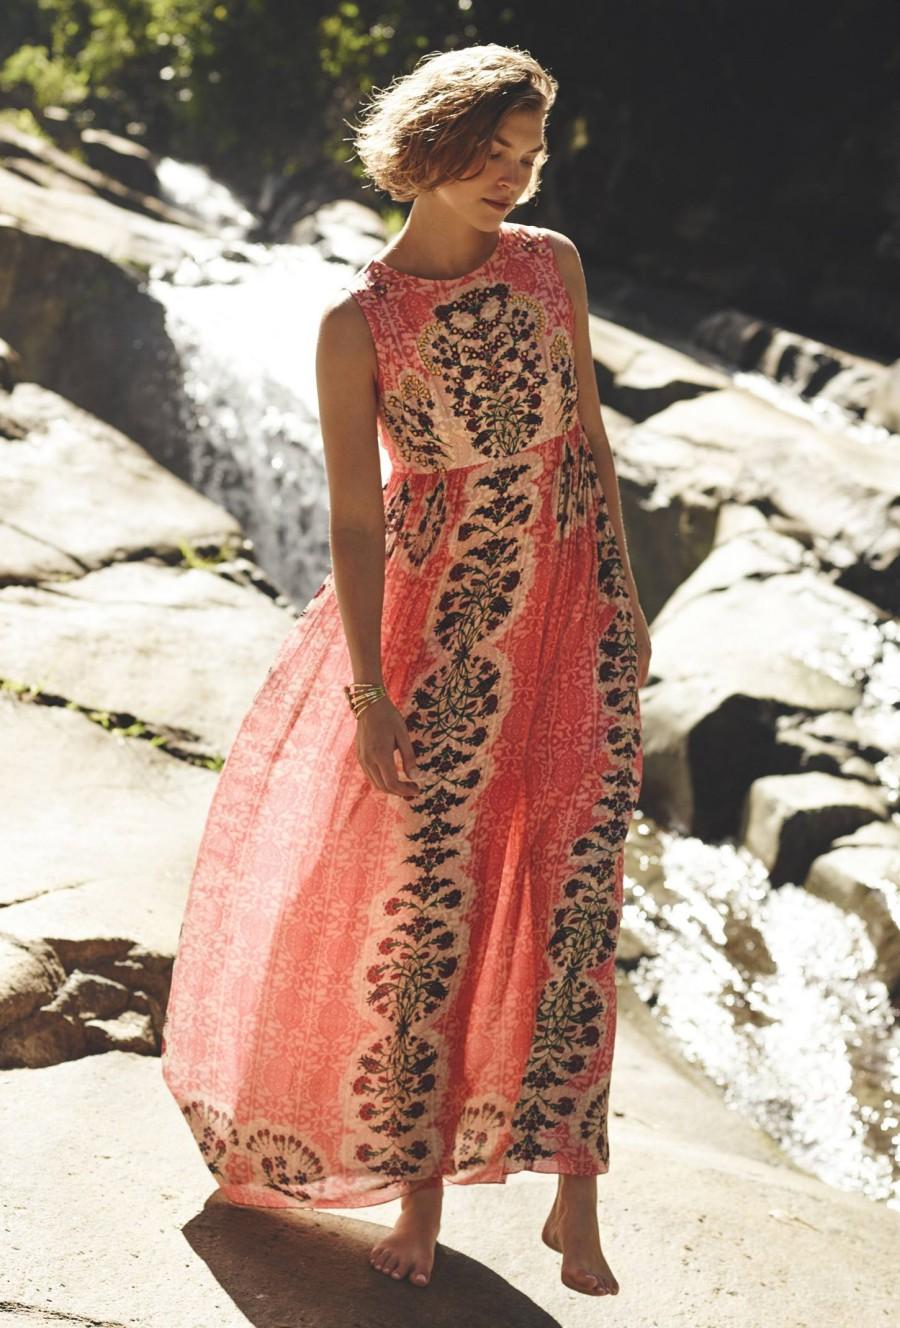 Summer Dress Trend 2016 Anthropologie